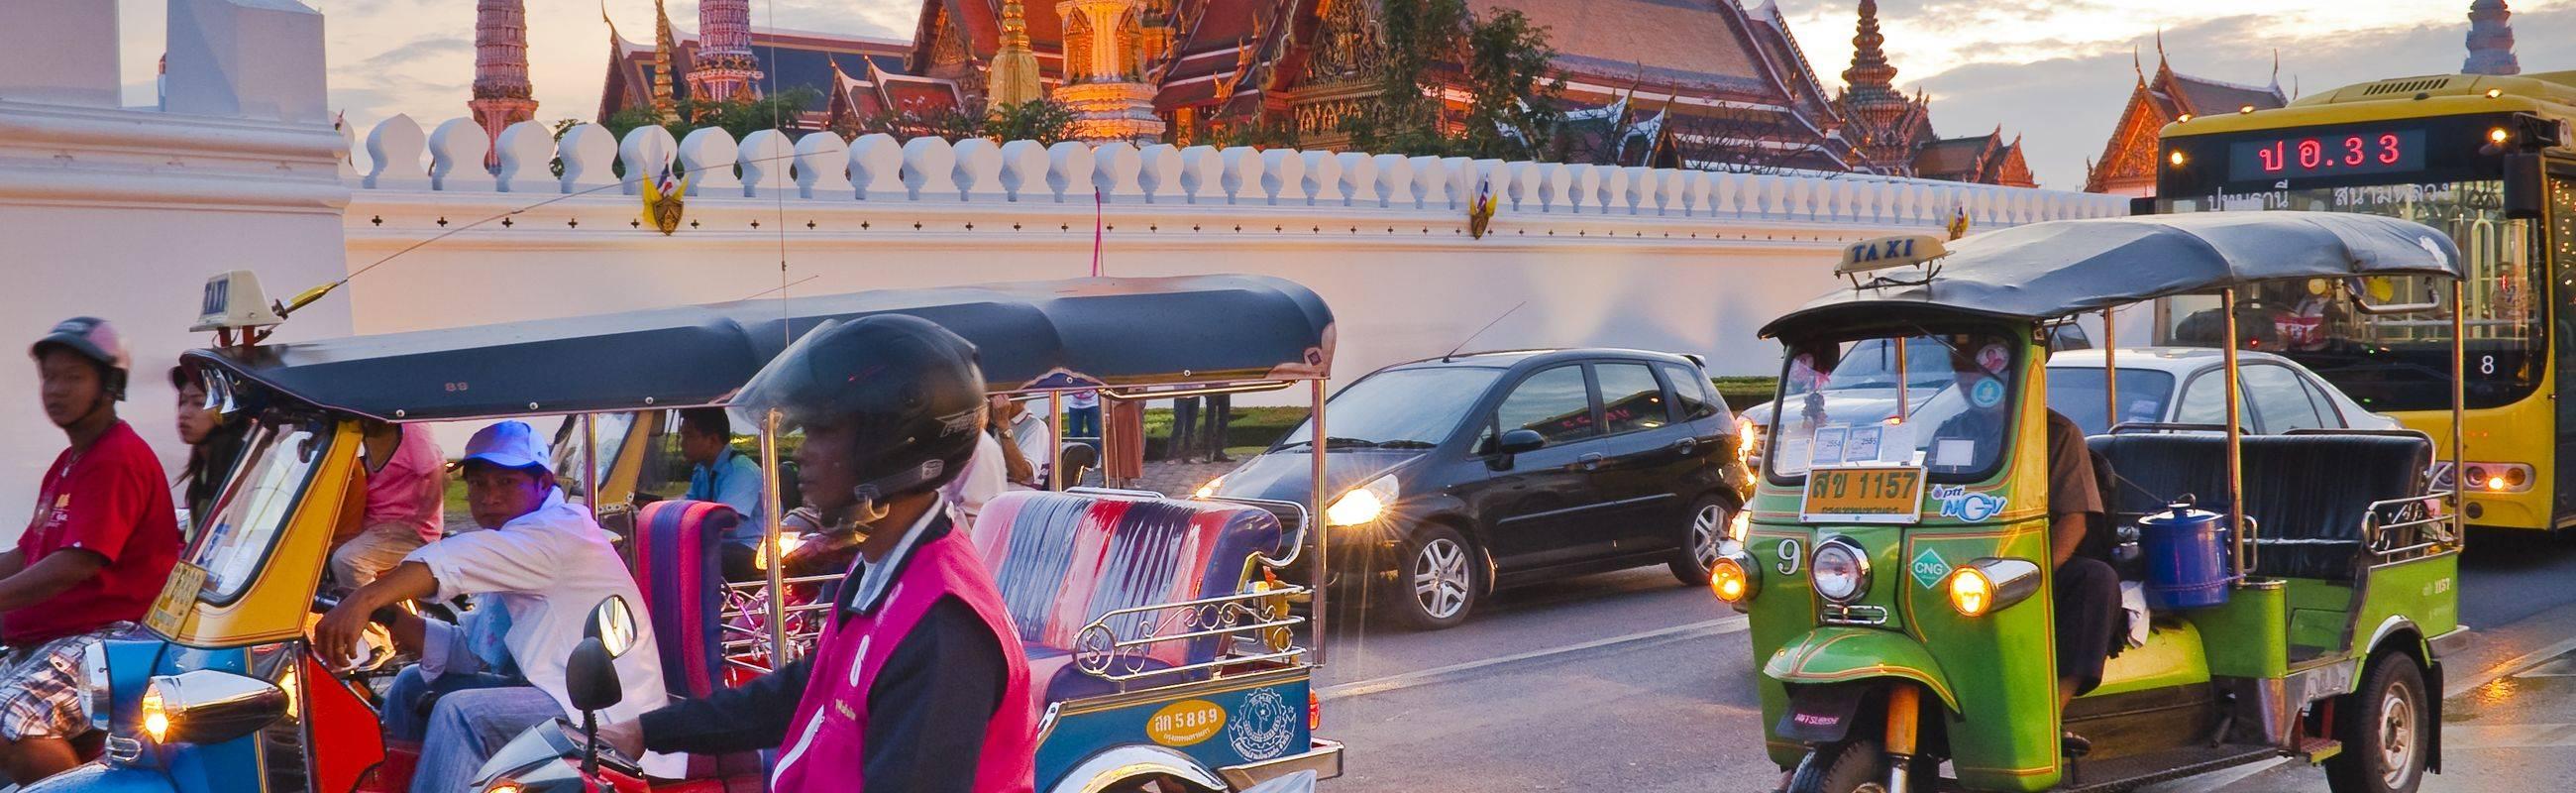 Touring Bangkok with Tuk Tuk Fun Ride!